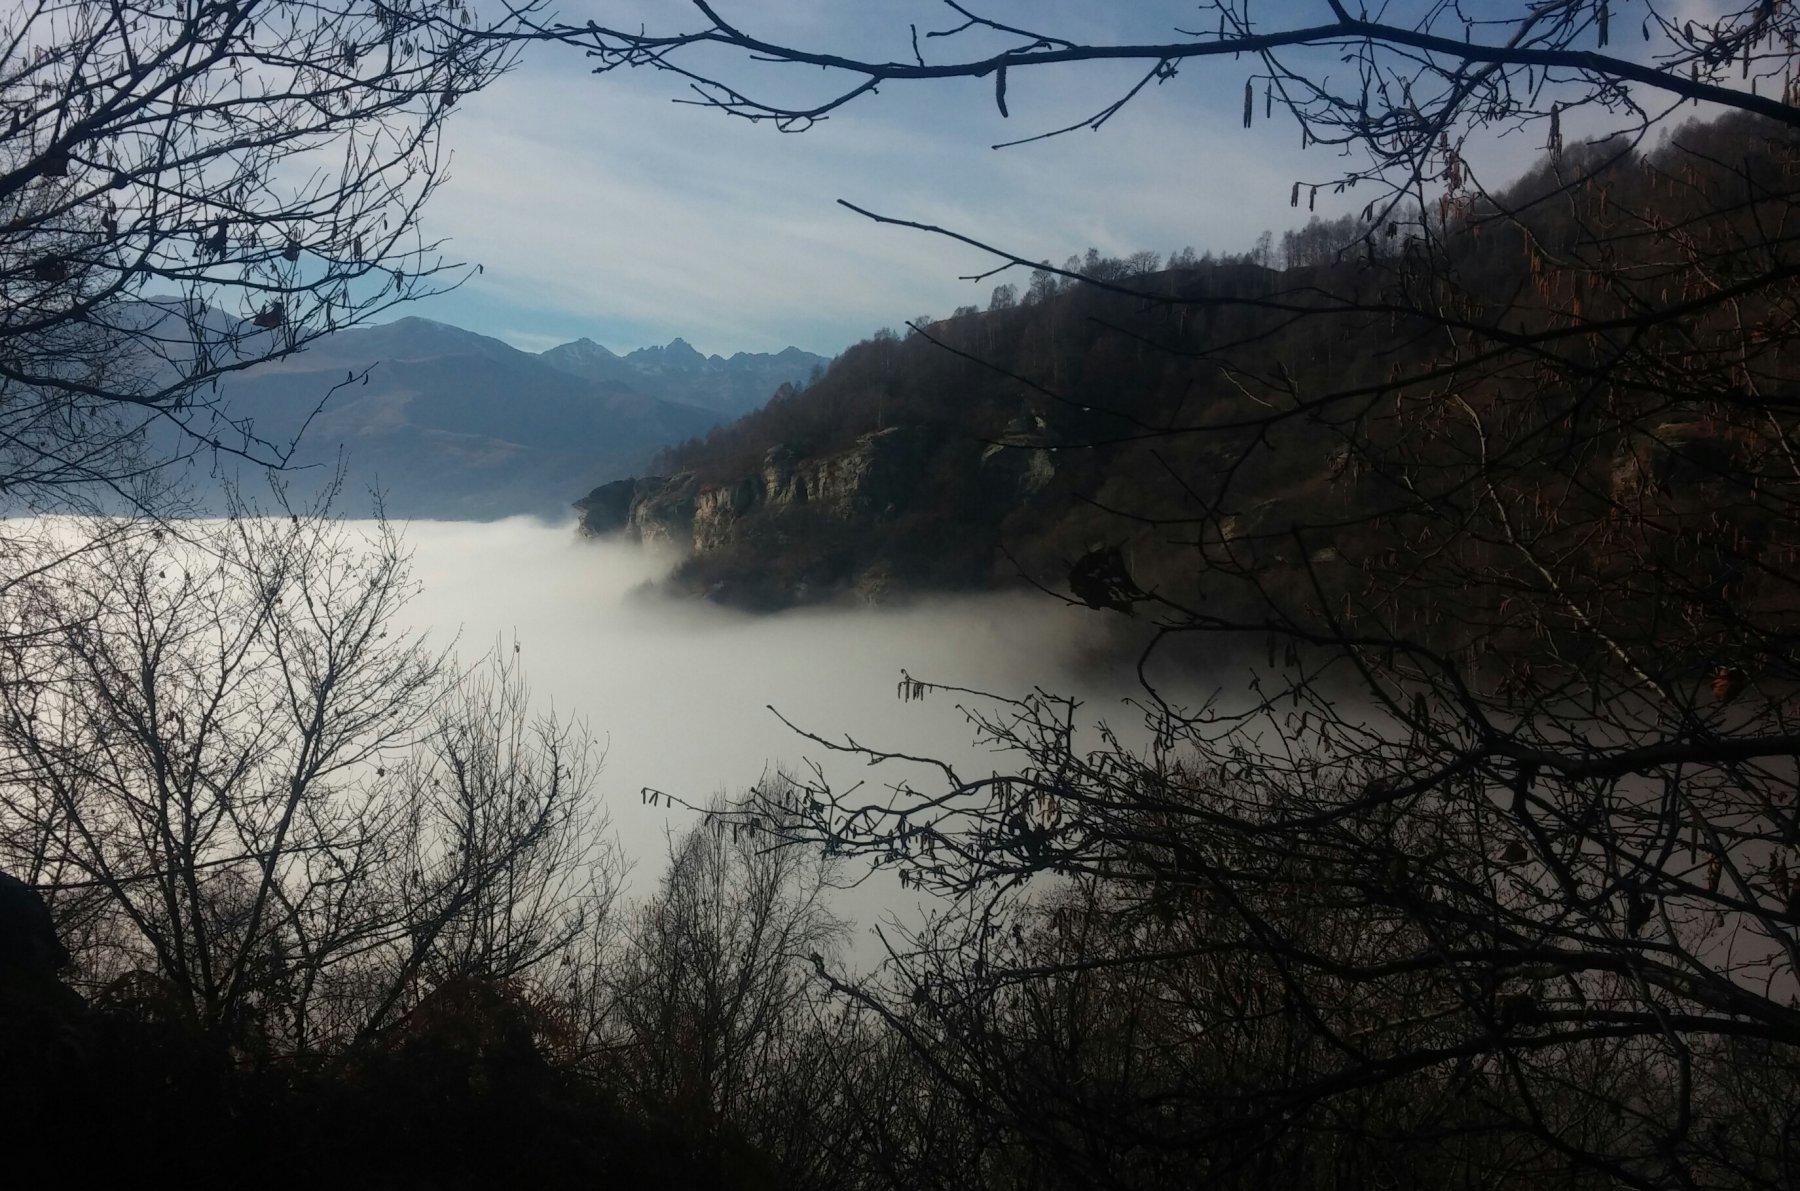 Finalmente fuori dalla nebbia